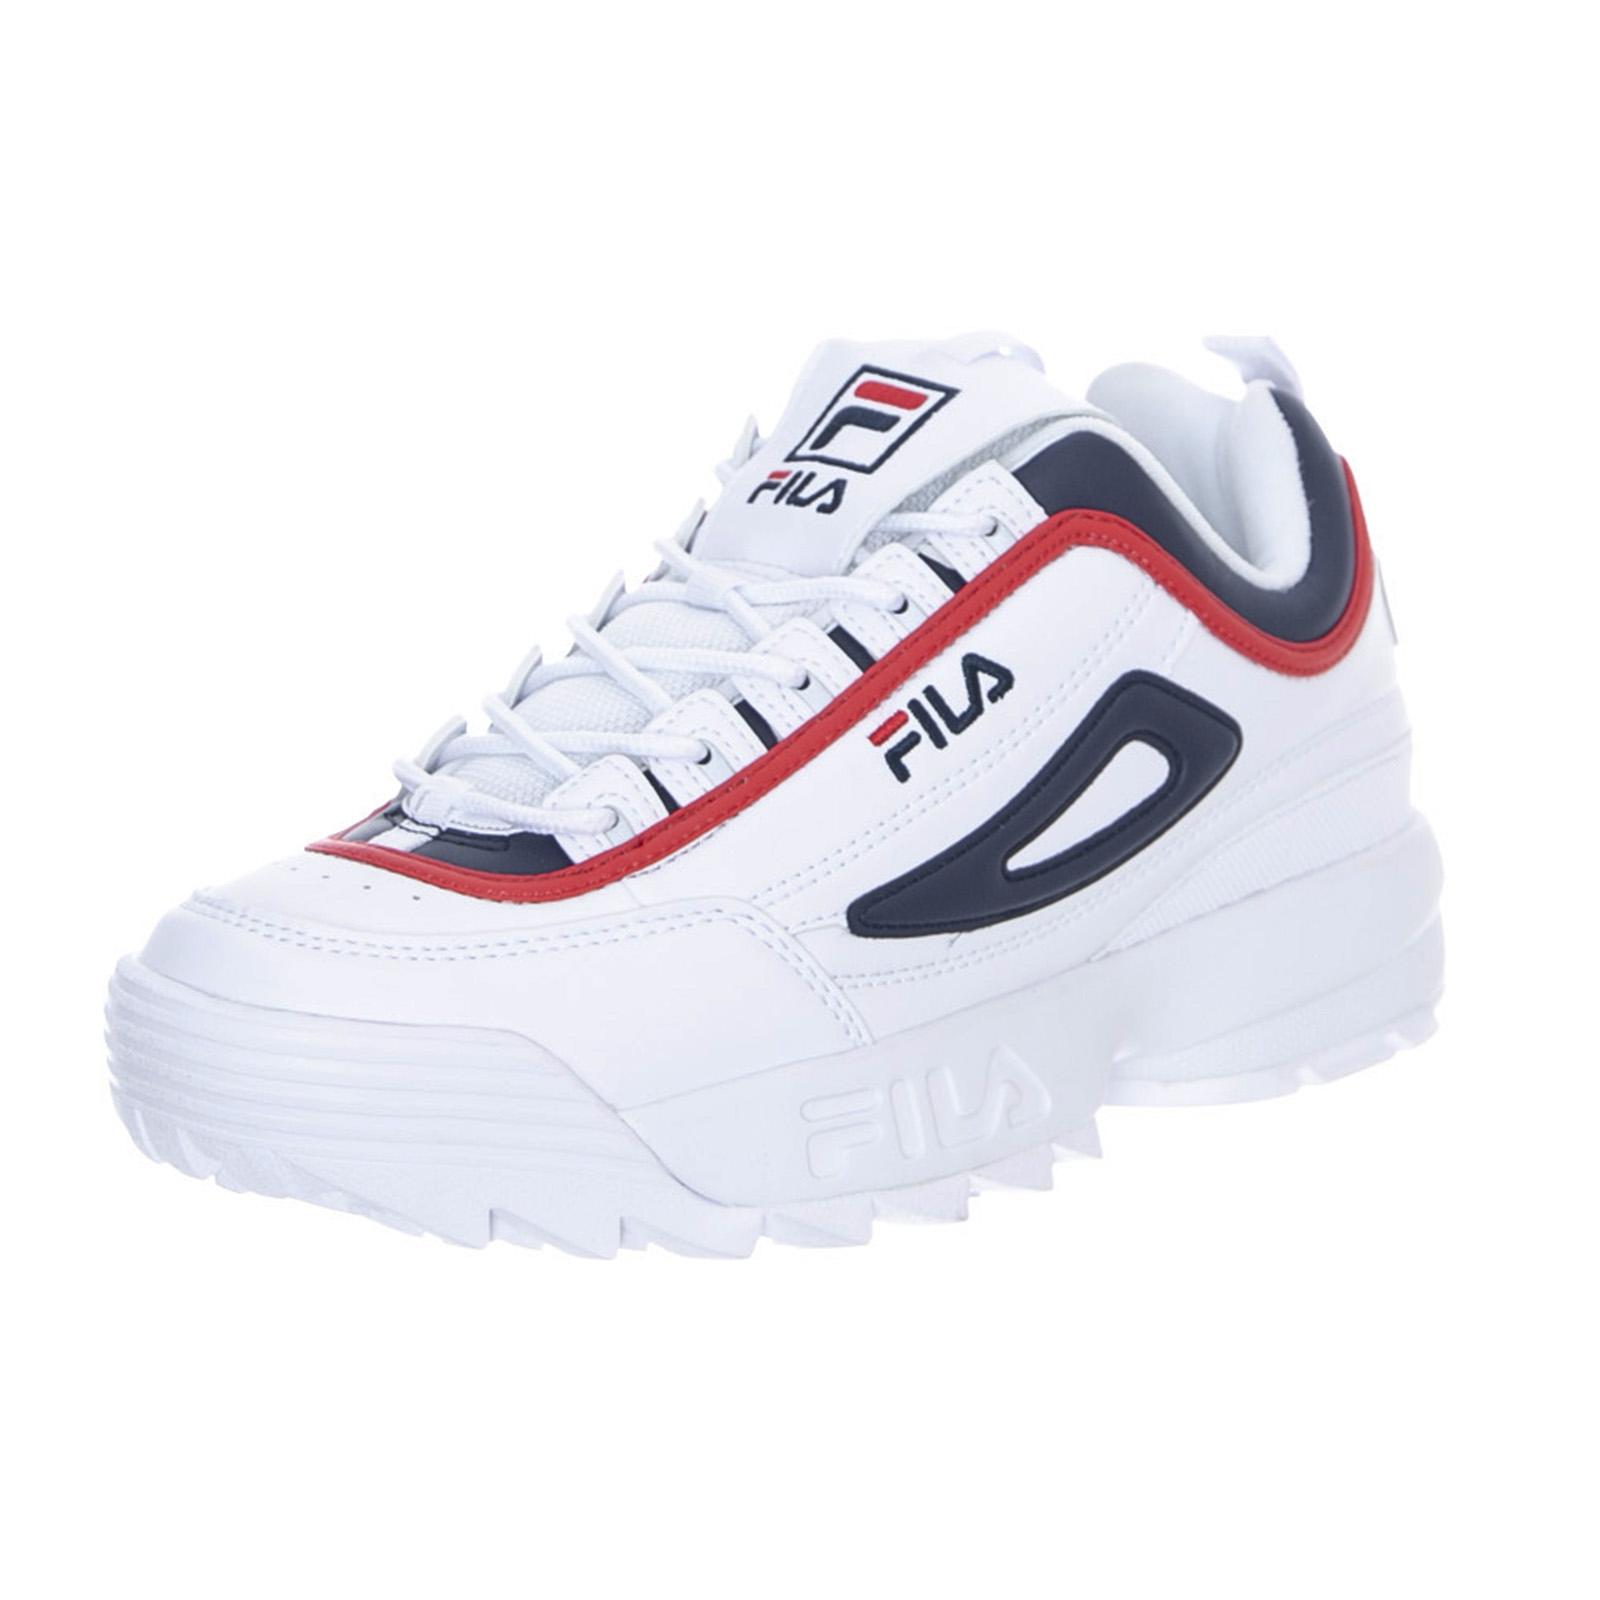 Détails sur Fila Baskets Disruptor Cb Faible BlancRedBleu Chaussures à lacets Femme blanc